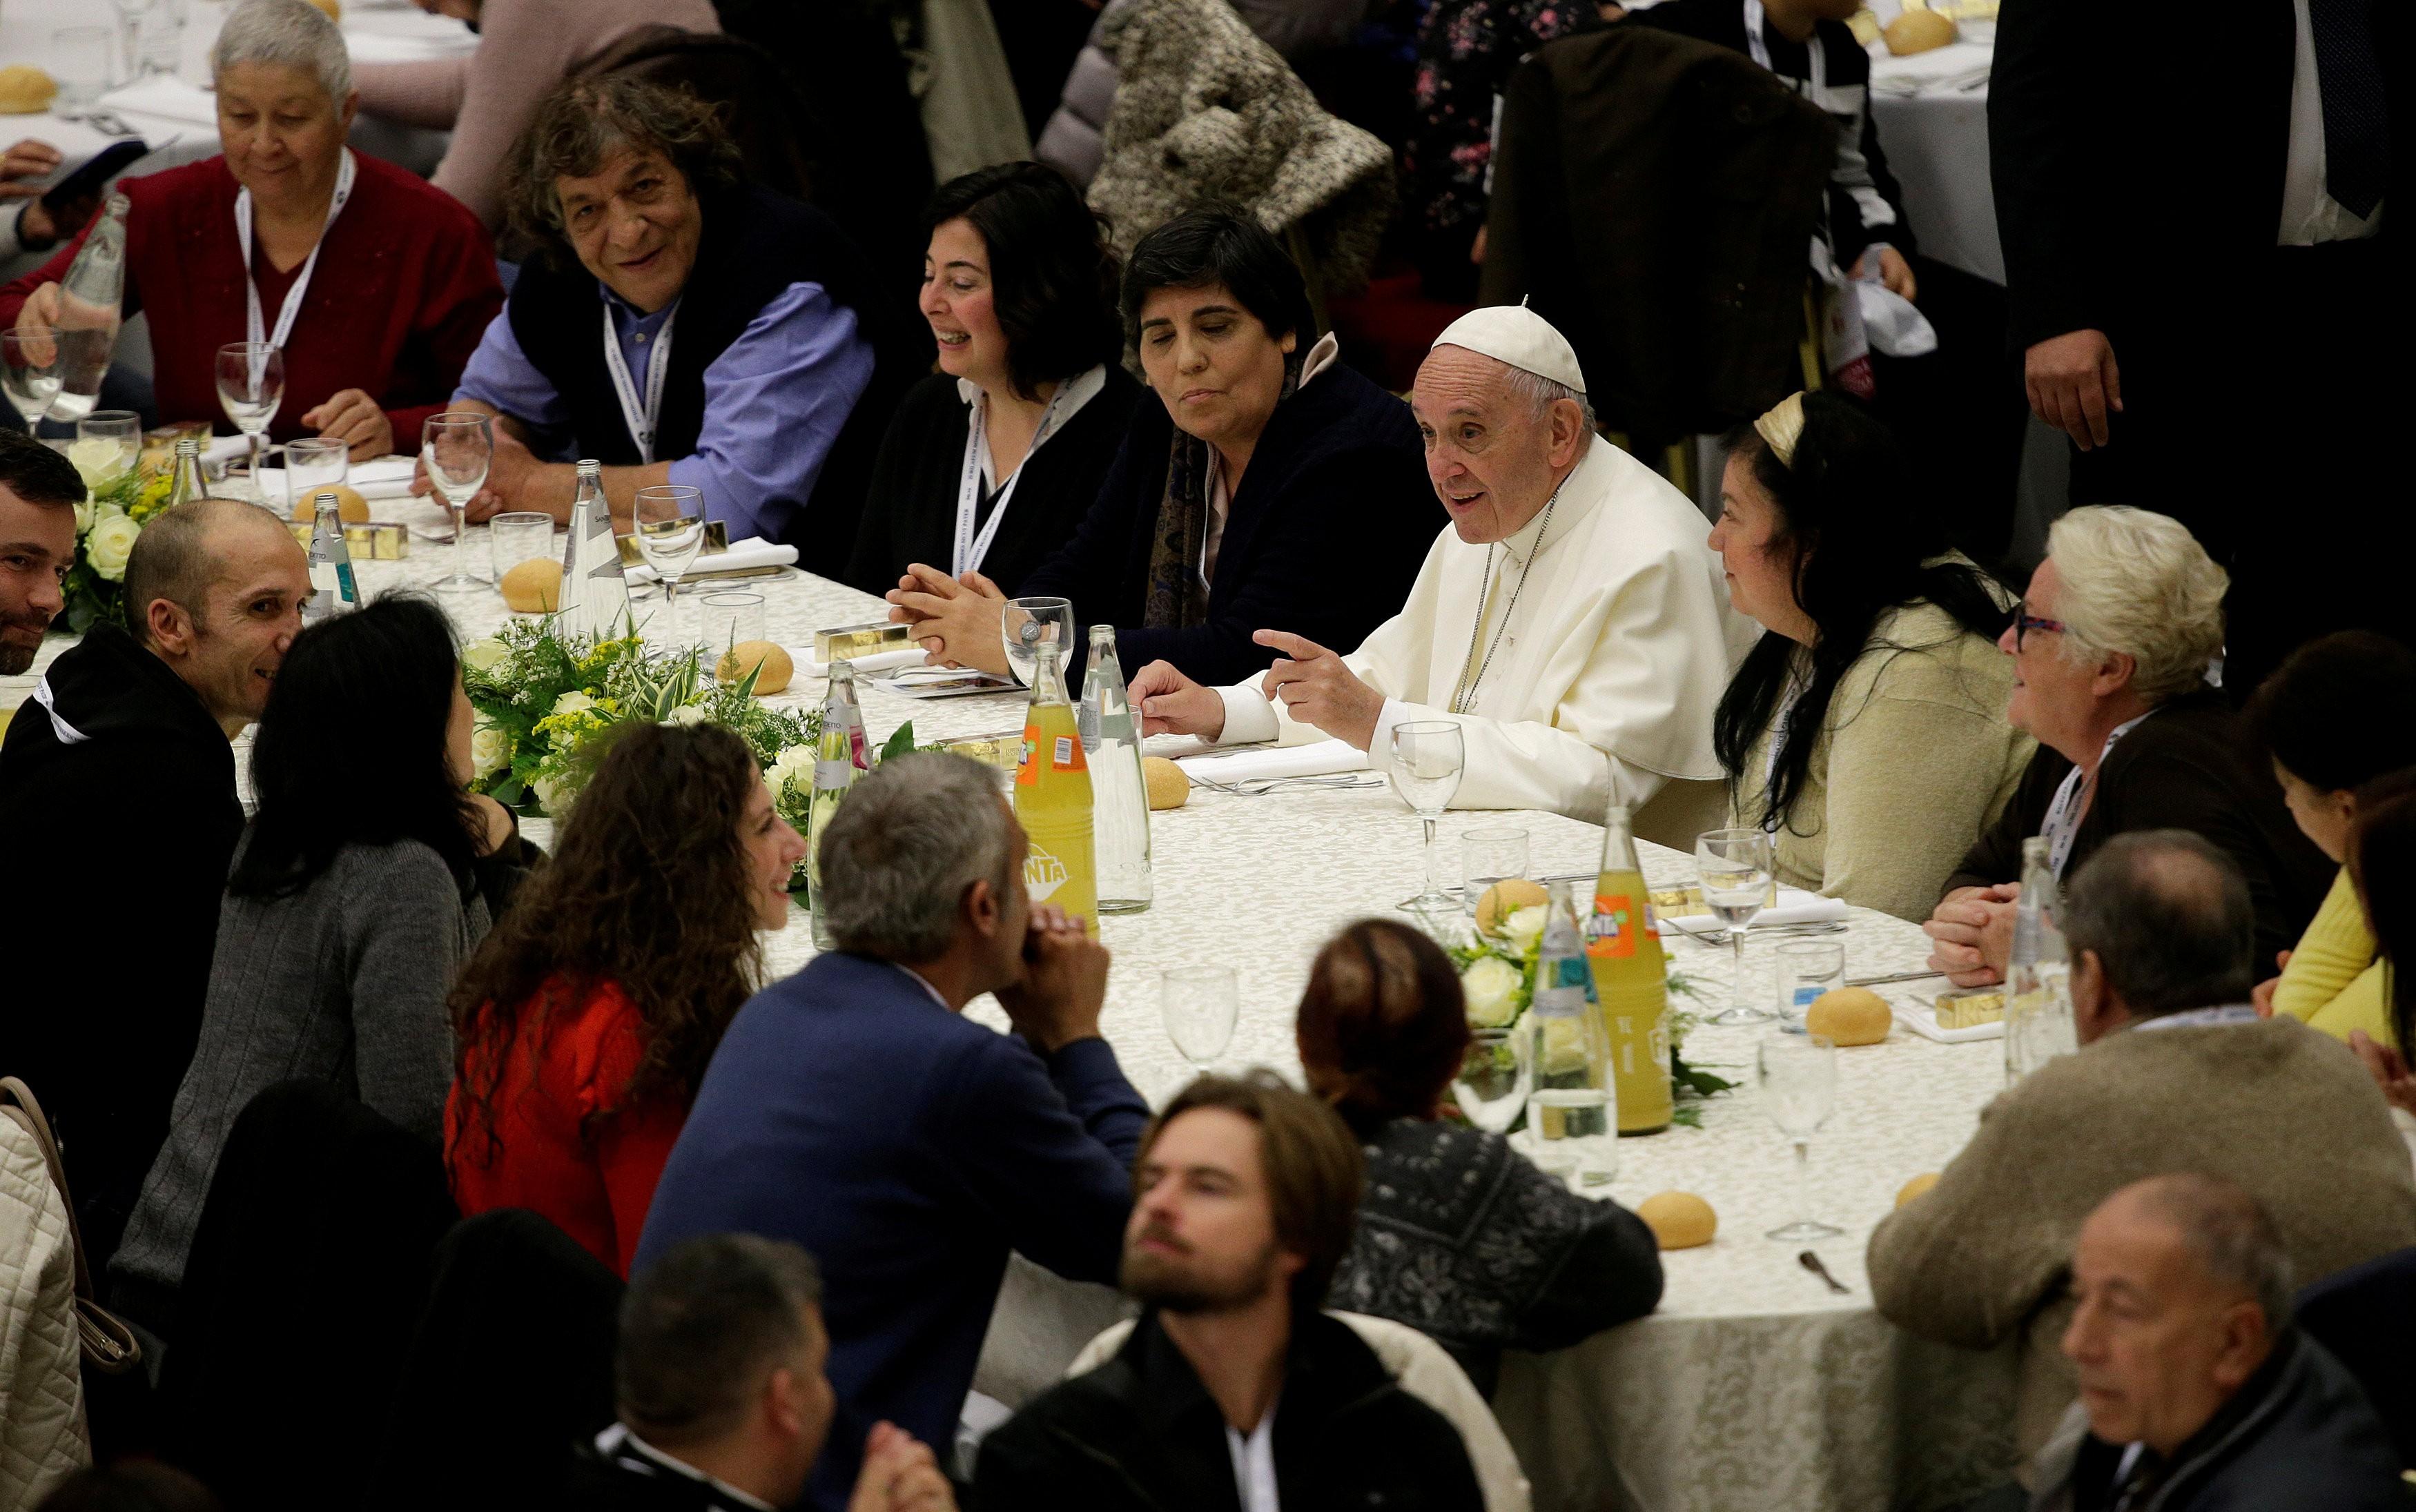 Papa Francisco oferece almoço a milhares de excluídos na Jornada Mundial dos Pobres